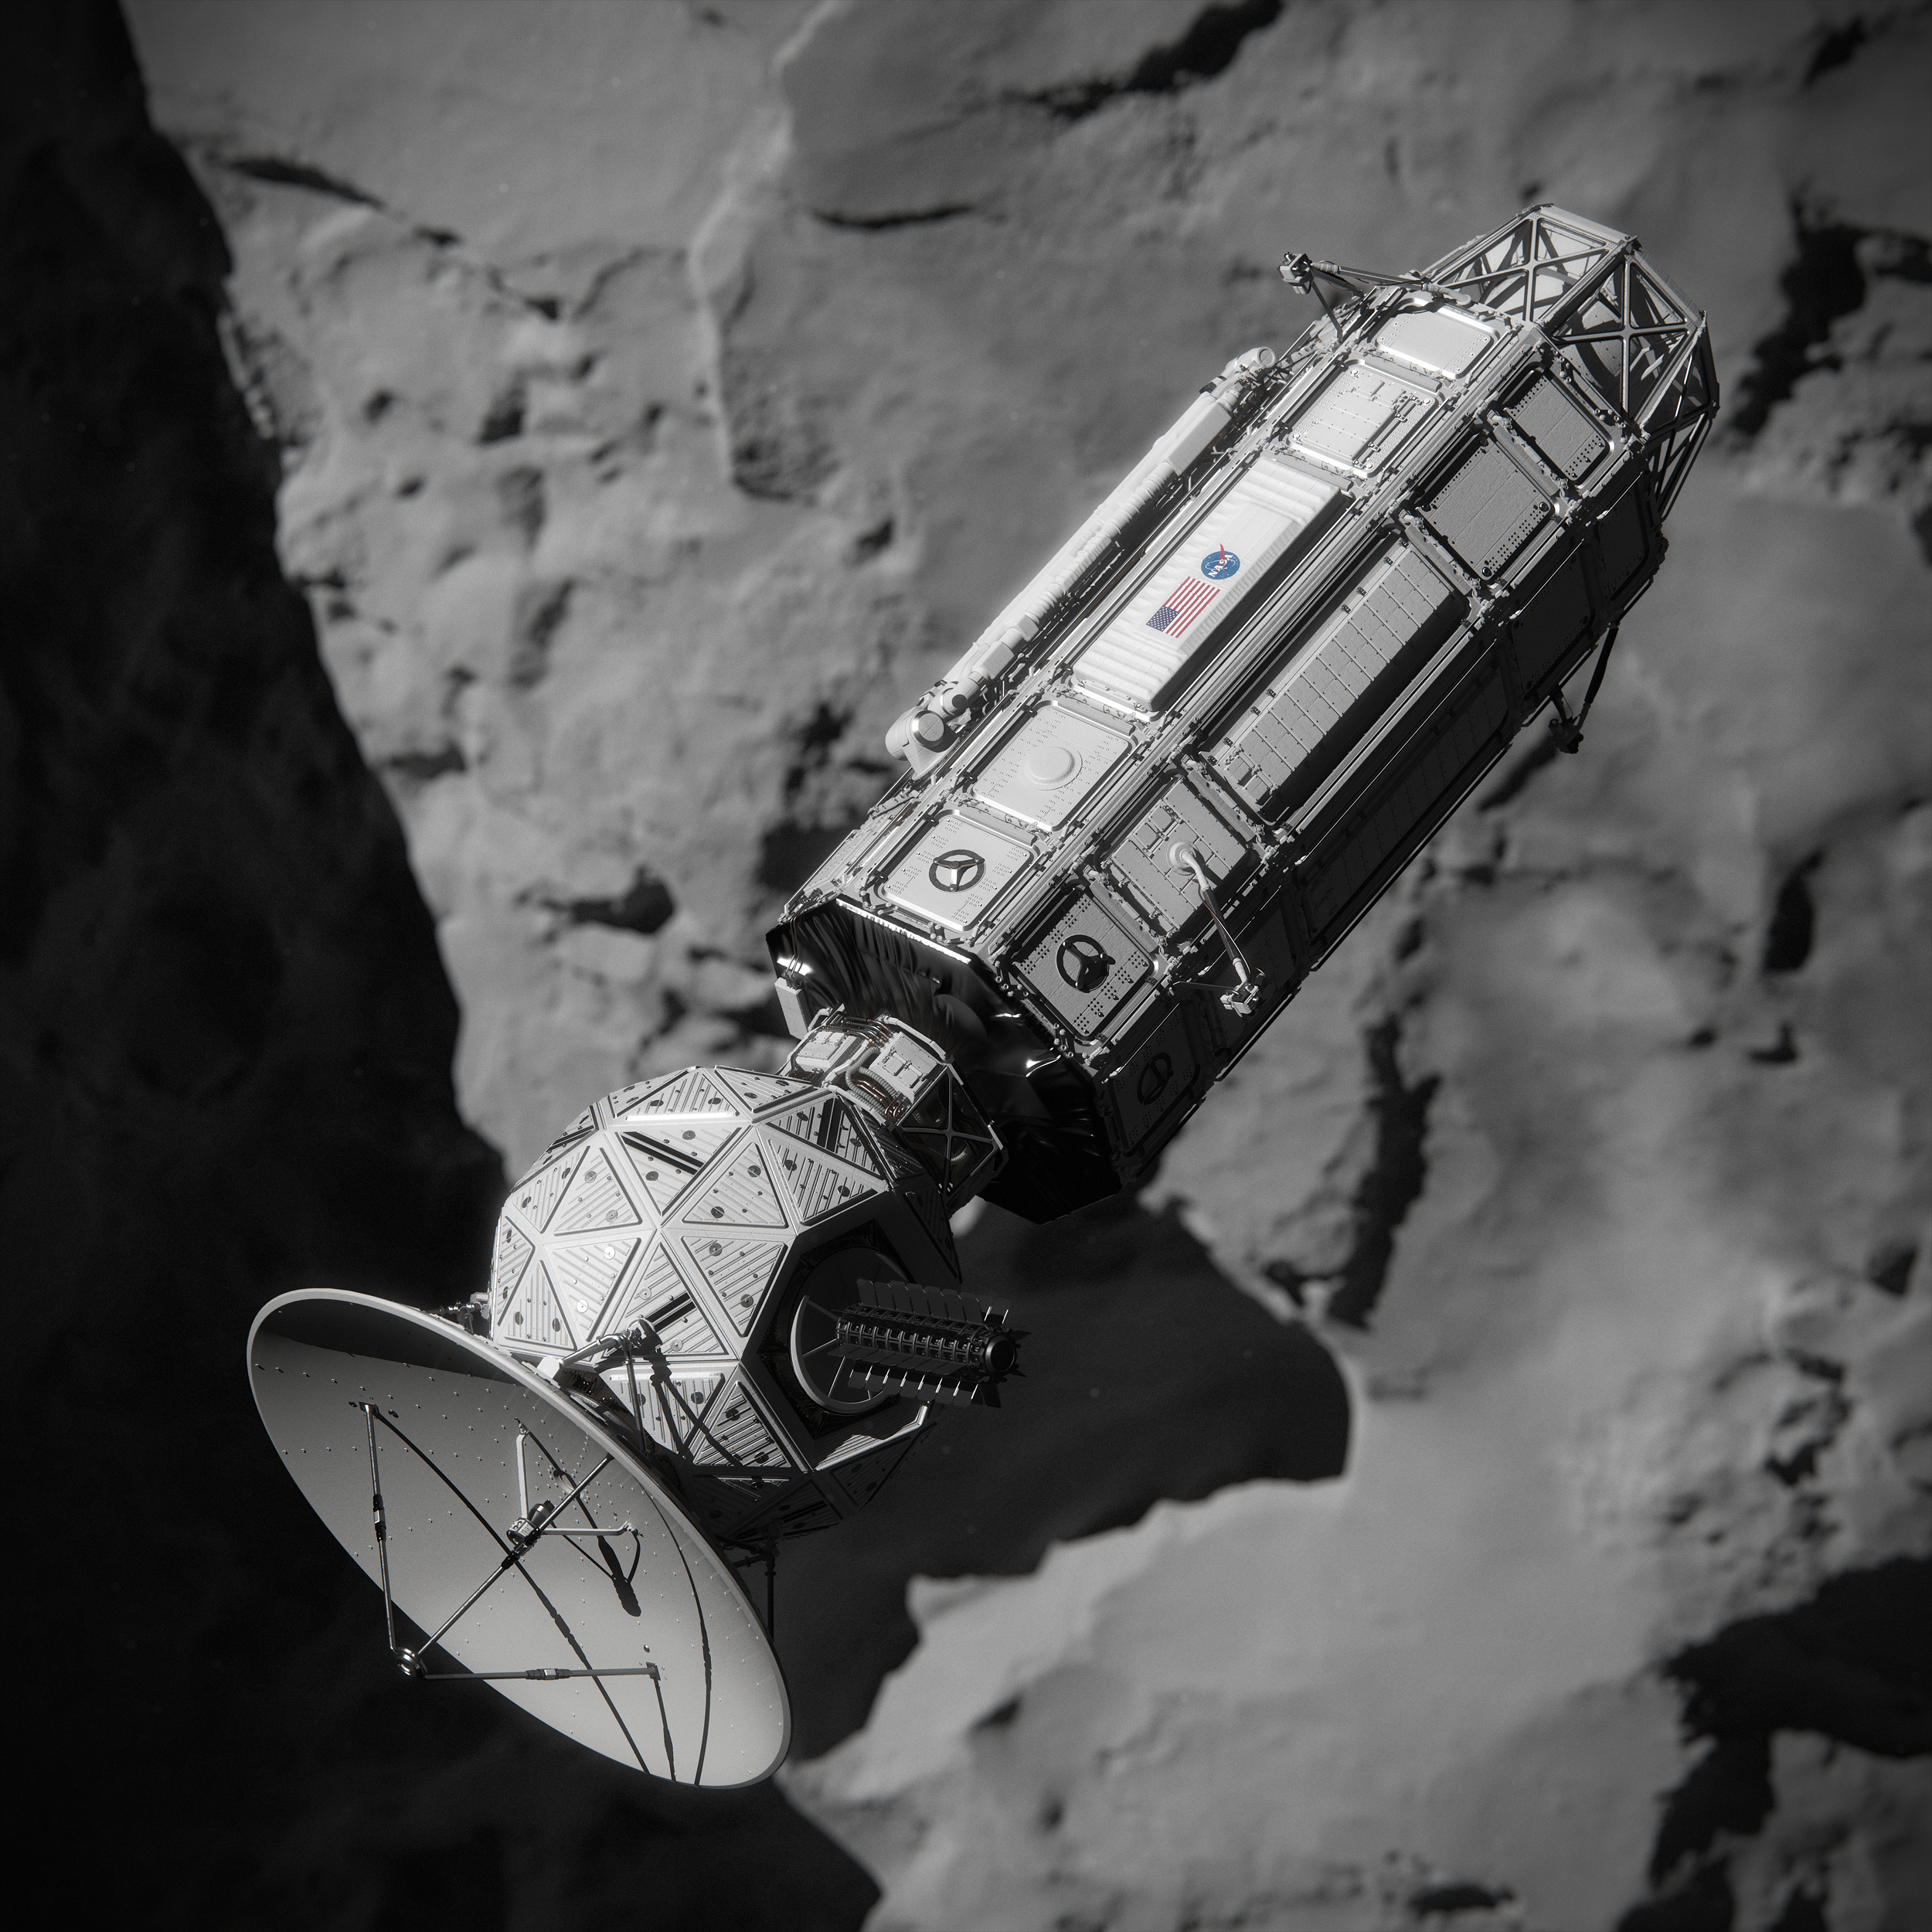 jpl-nasa-comet-hitchhiker_1-1_comp-33percent.jpg